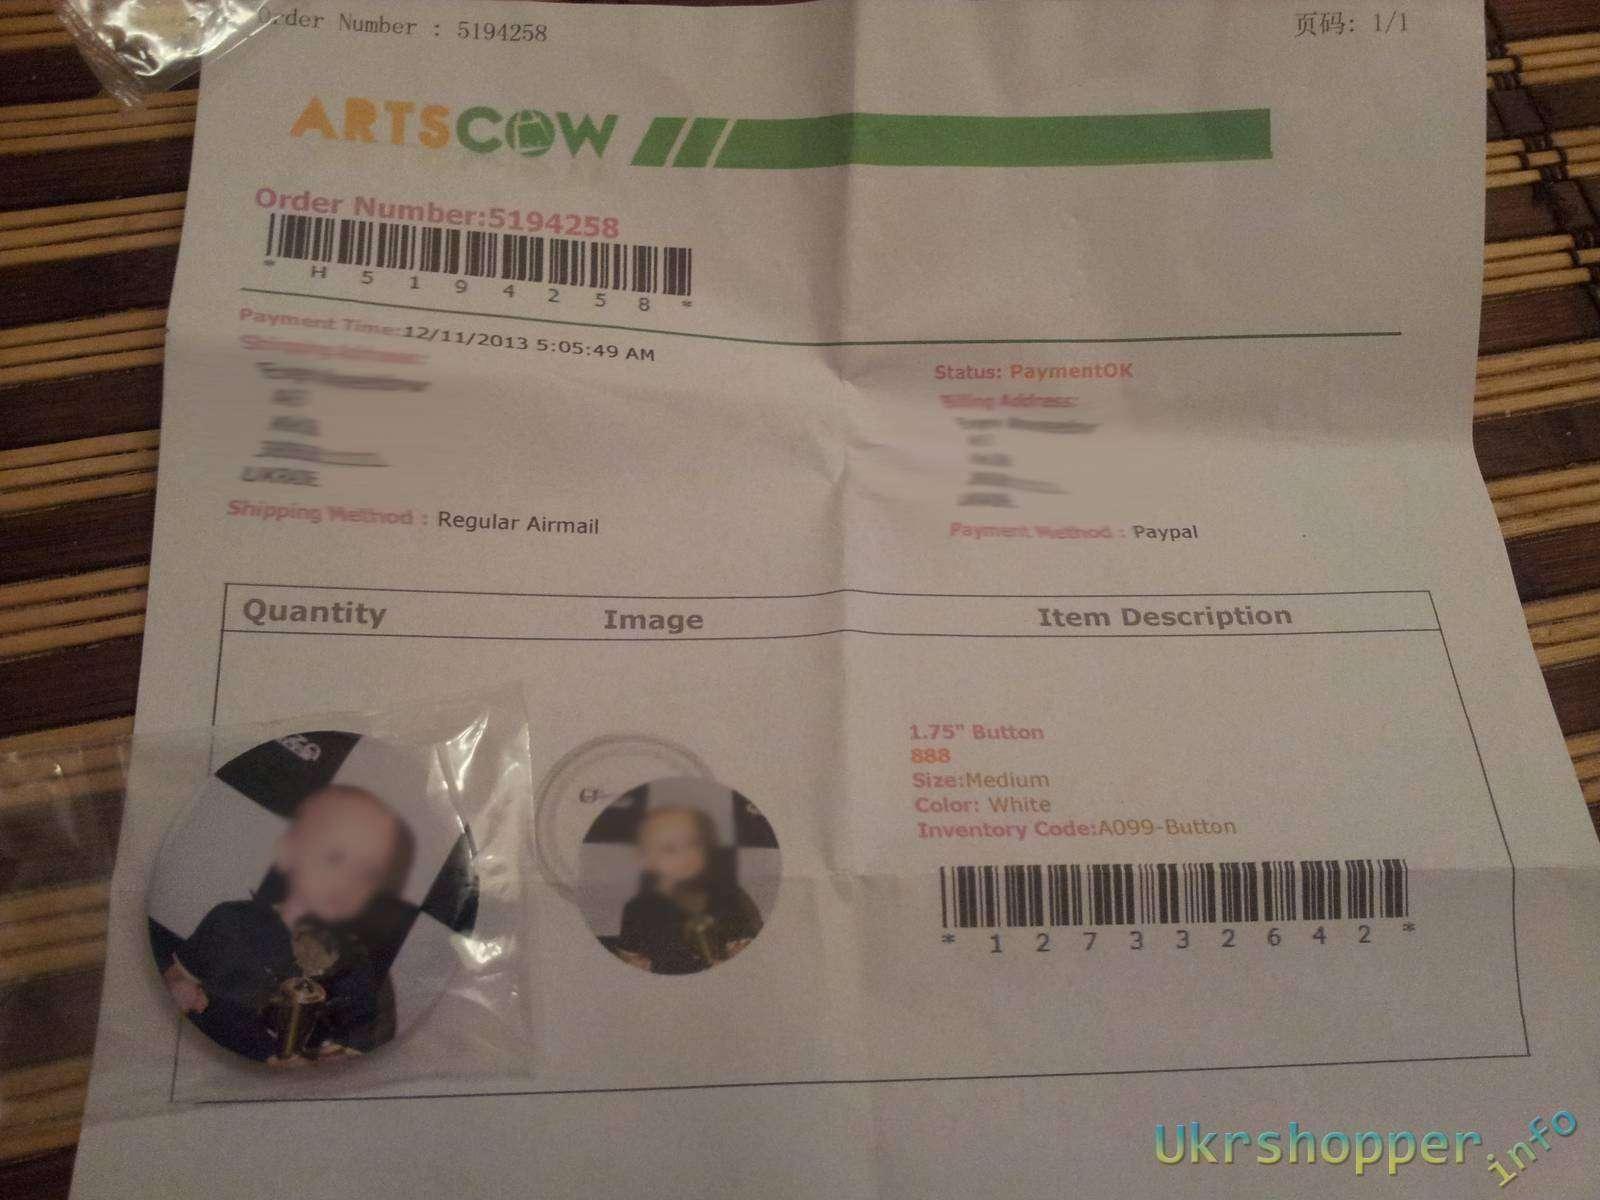 Другие: Значок с вашим фото от artscow за бесплатно - отличный сувенир